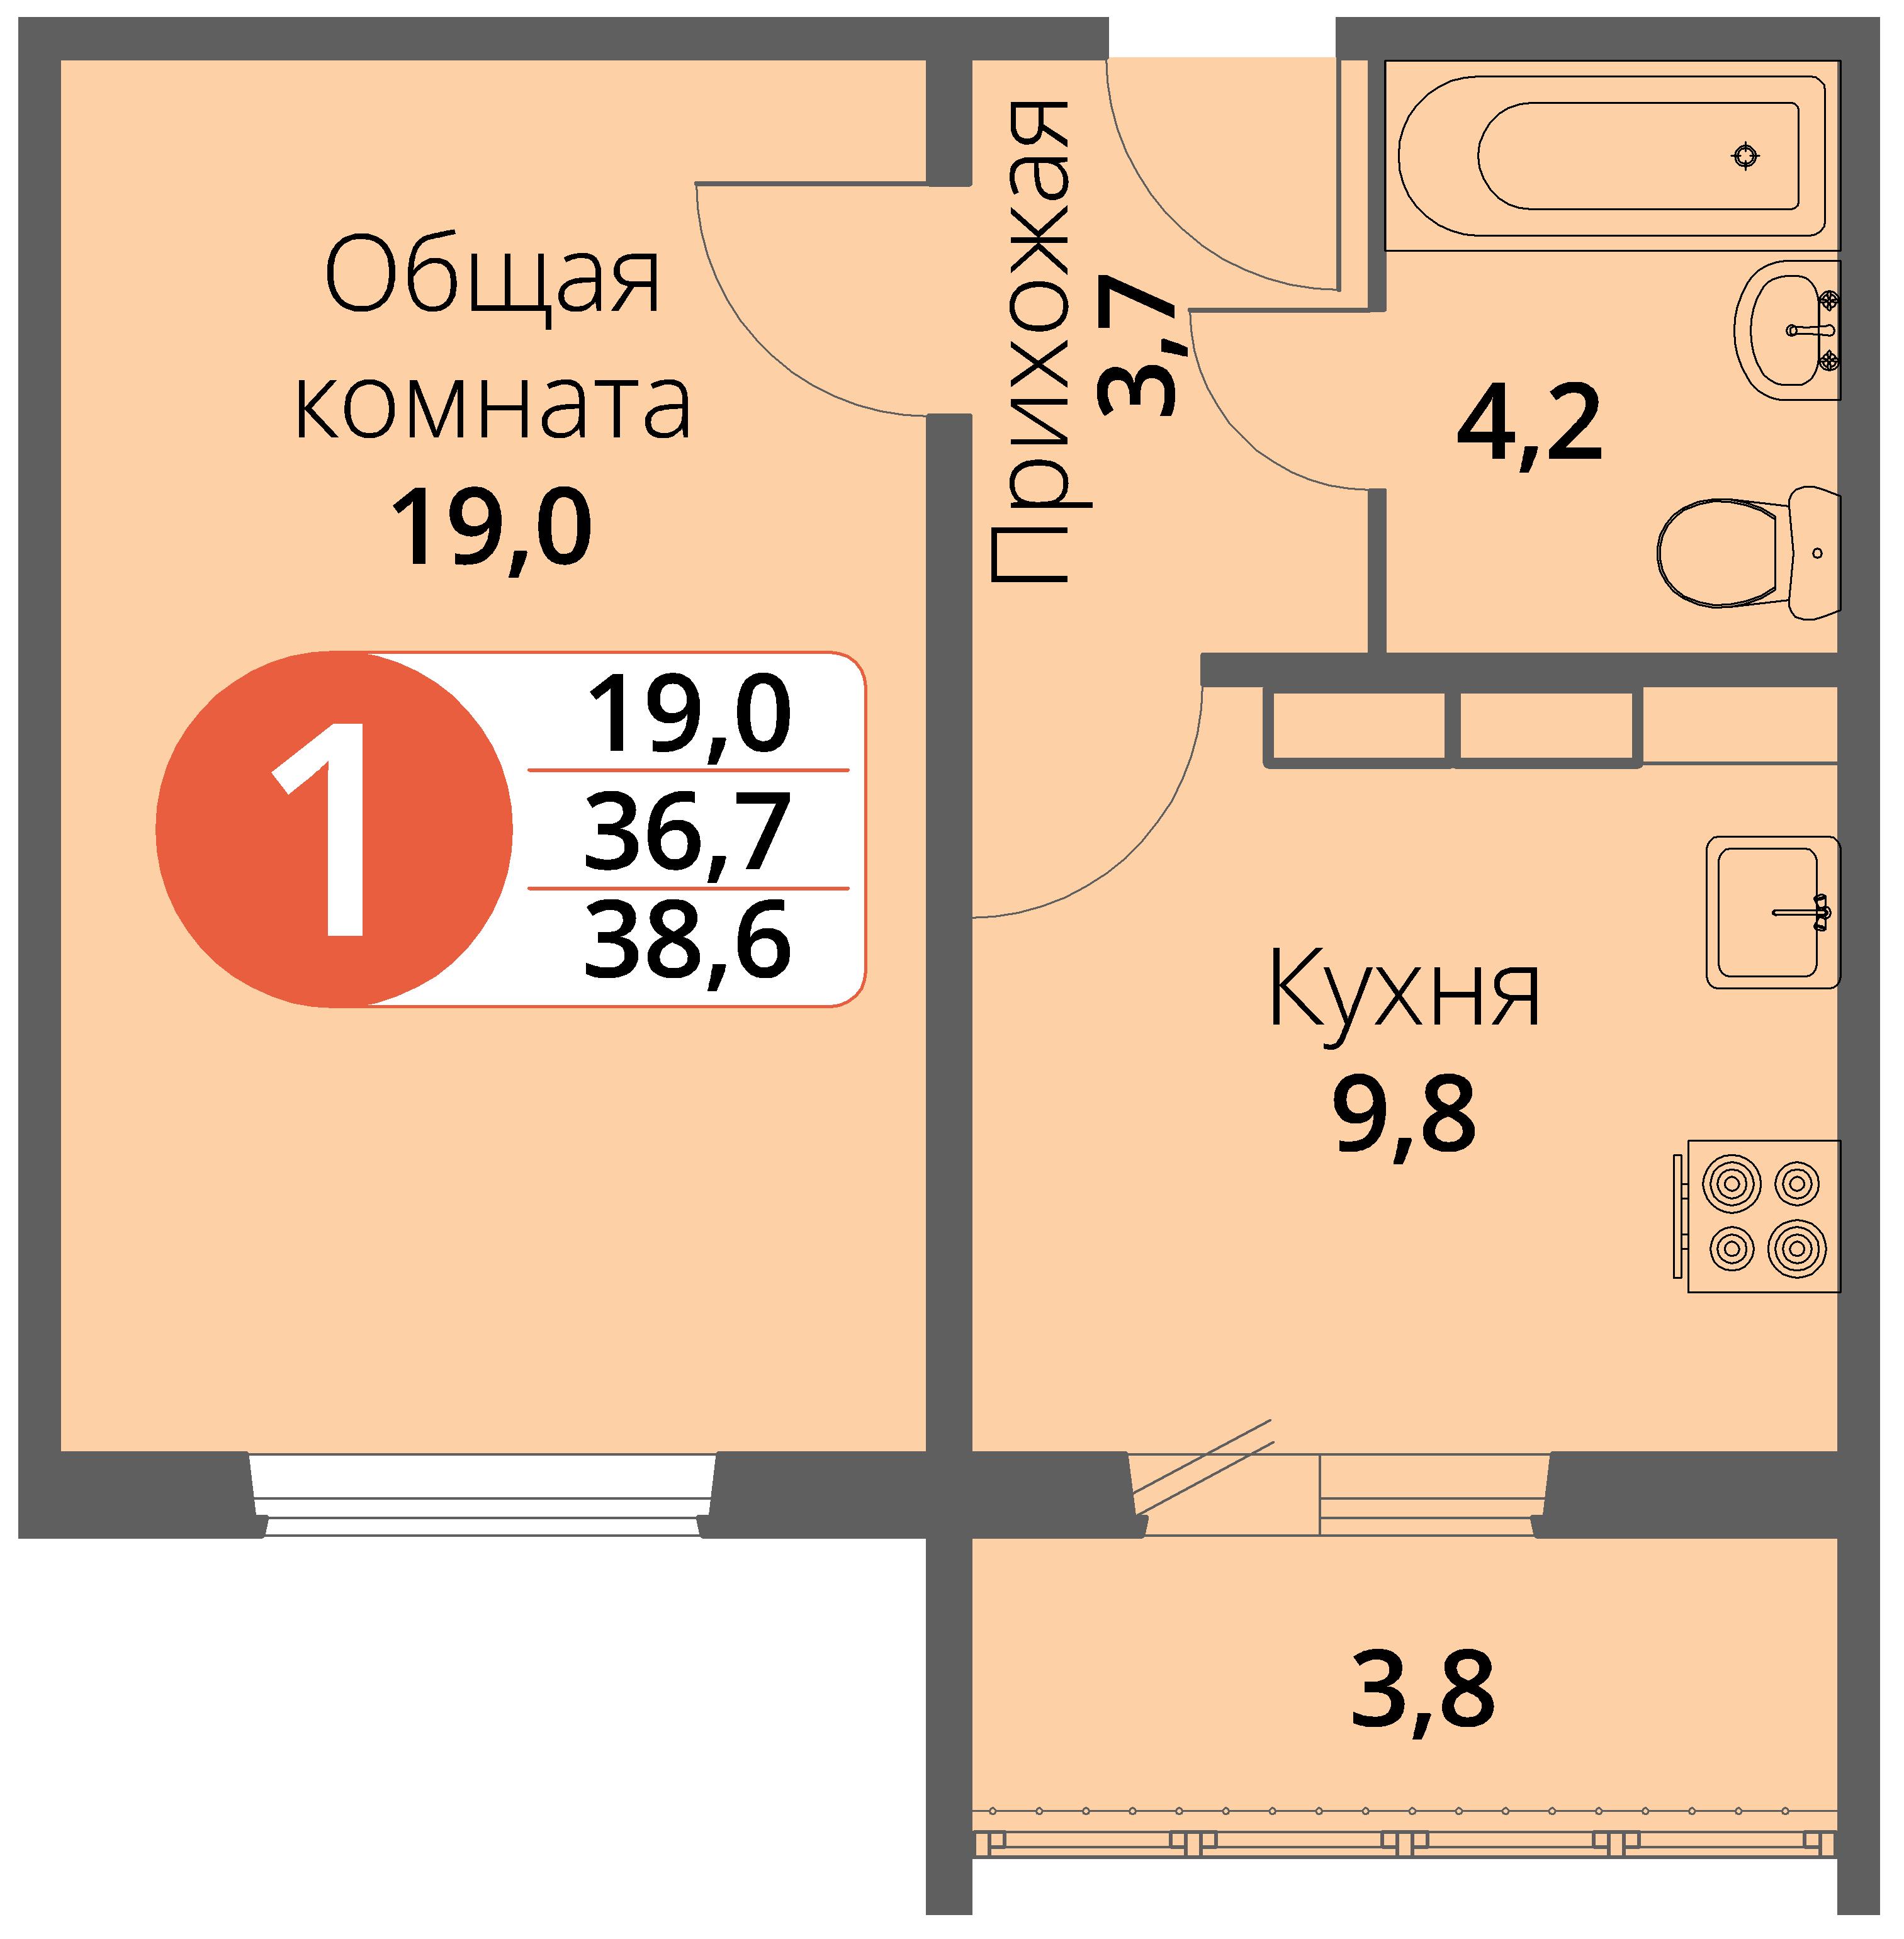 Зареченская 1-2, квартира 149 - Однокомнатная